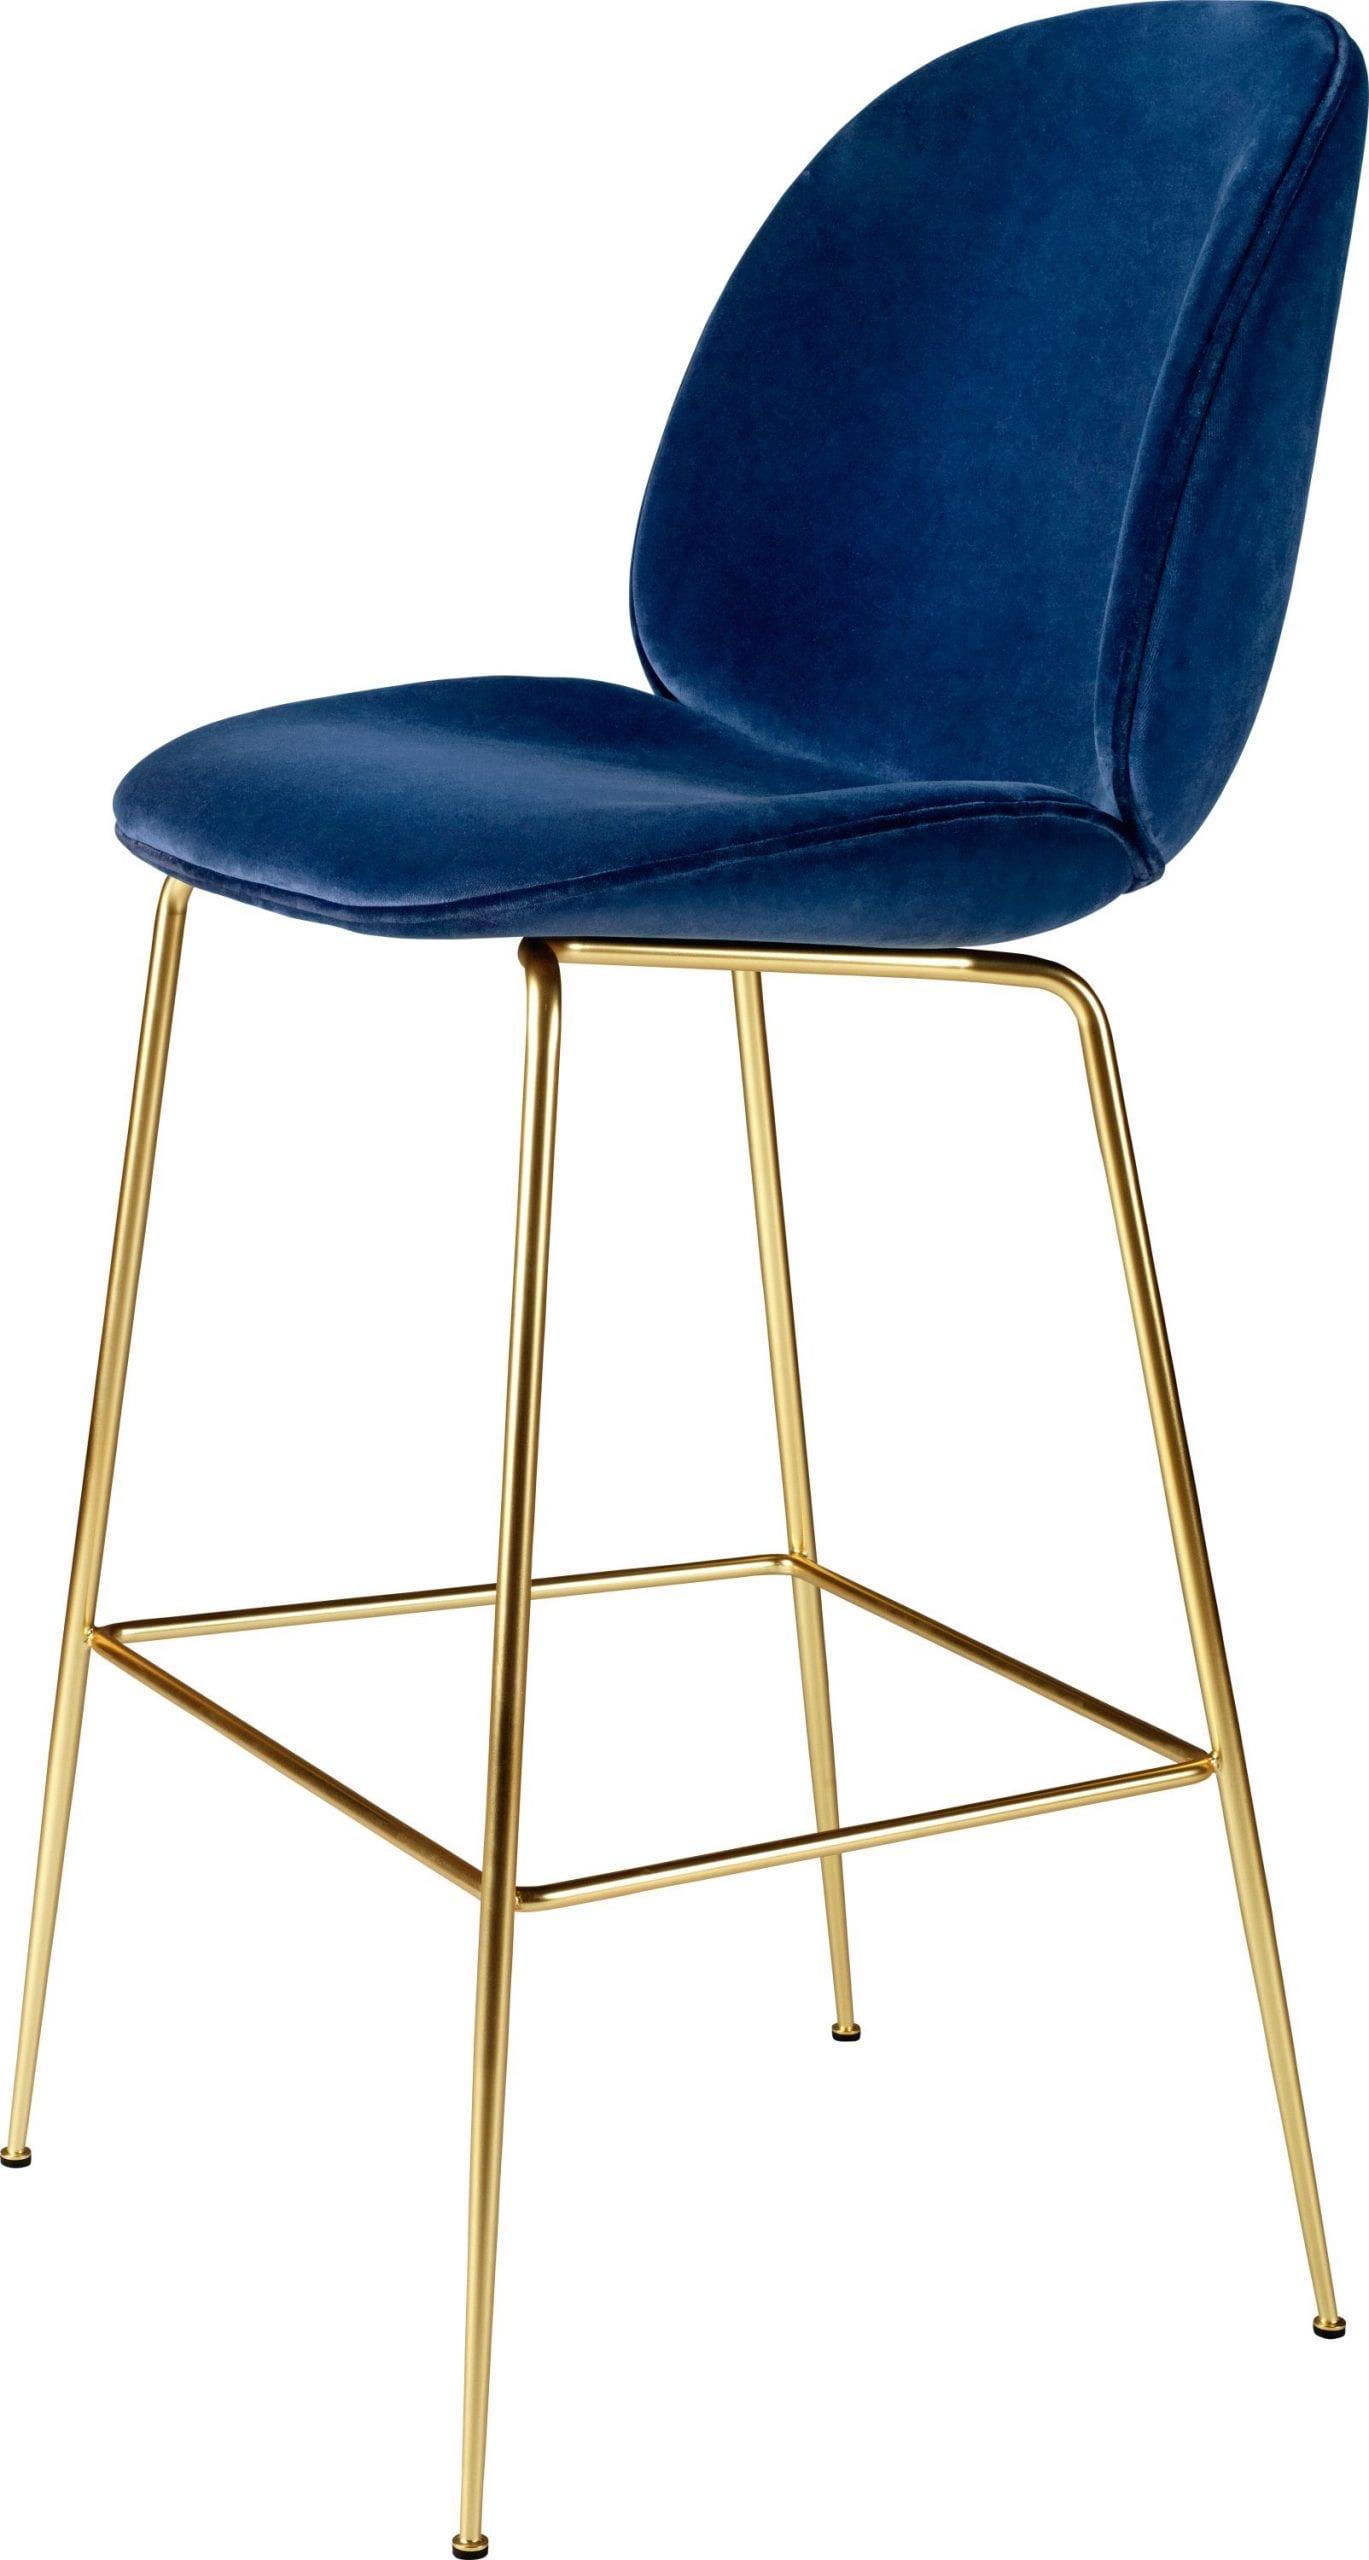 כסאות בר מעוצבים צבע כחול - GUBI